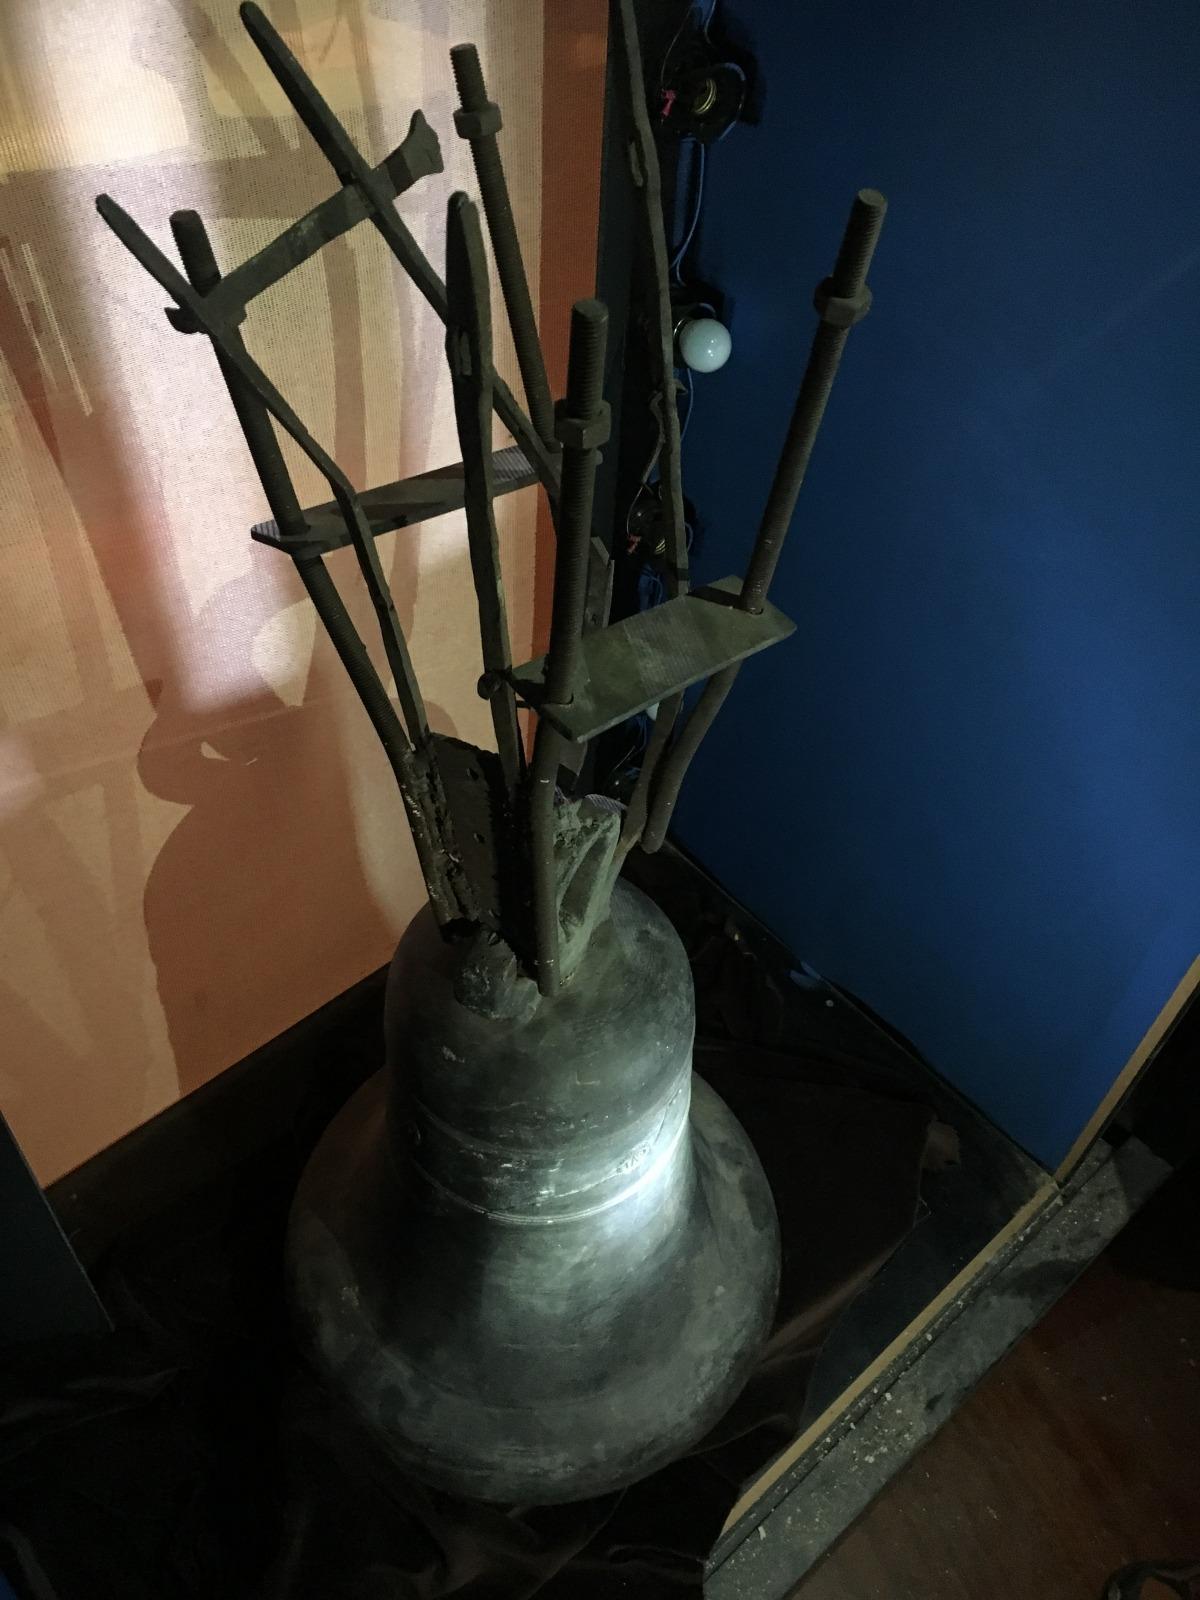 Els ganxos que subjectaven la campana al jou, que van sobreviure a l'incendi.